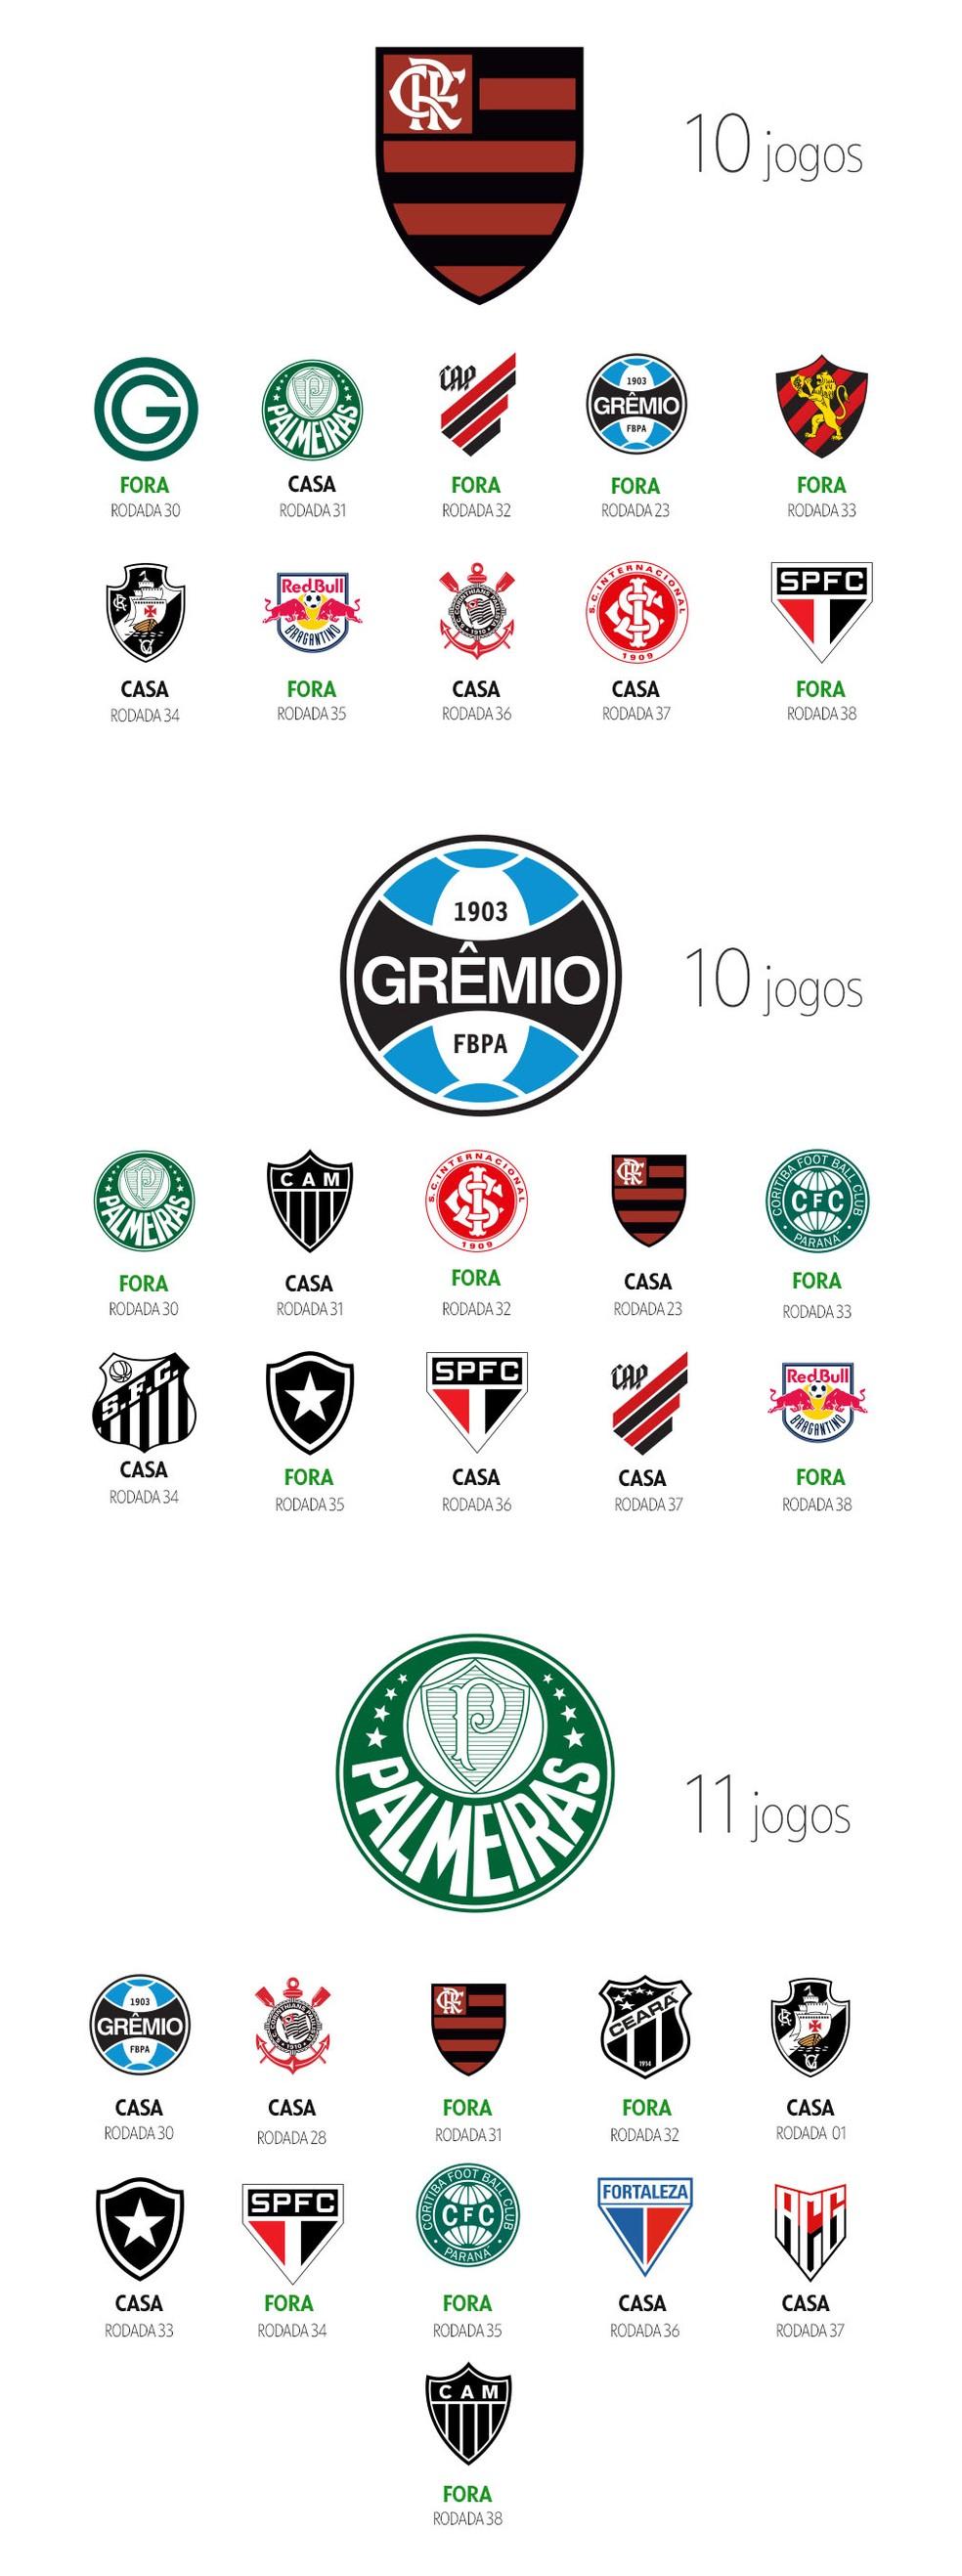 Próximos jogos de Flamengo, Grêmio e Palmeiras no Brasileirão — Foto: Infoesporte